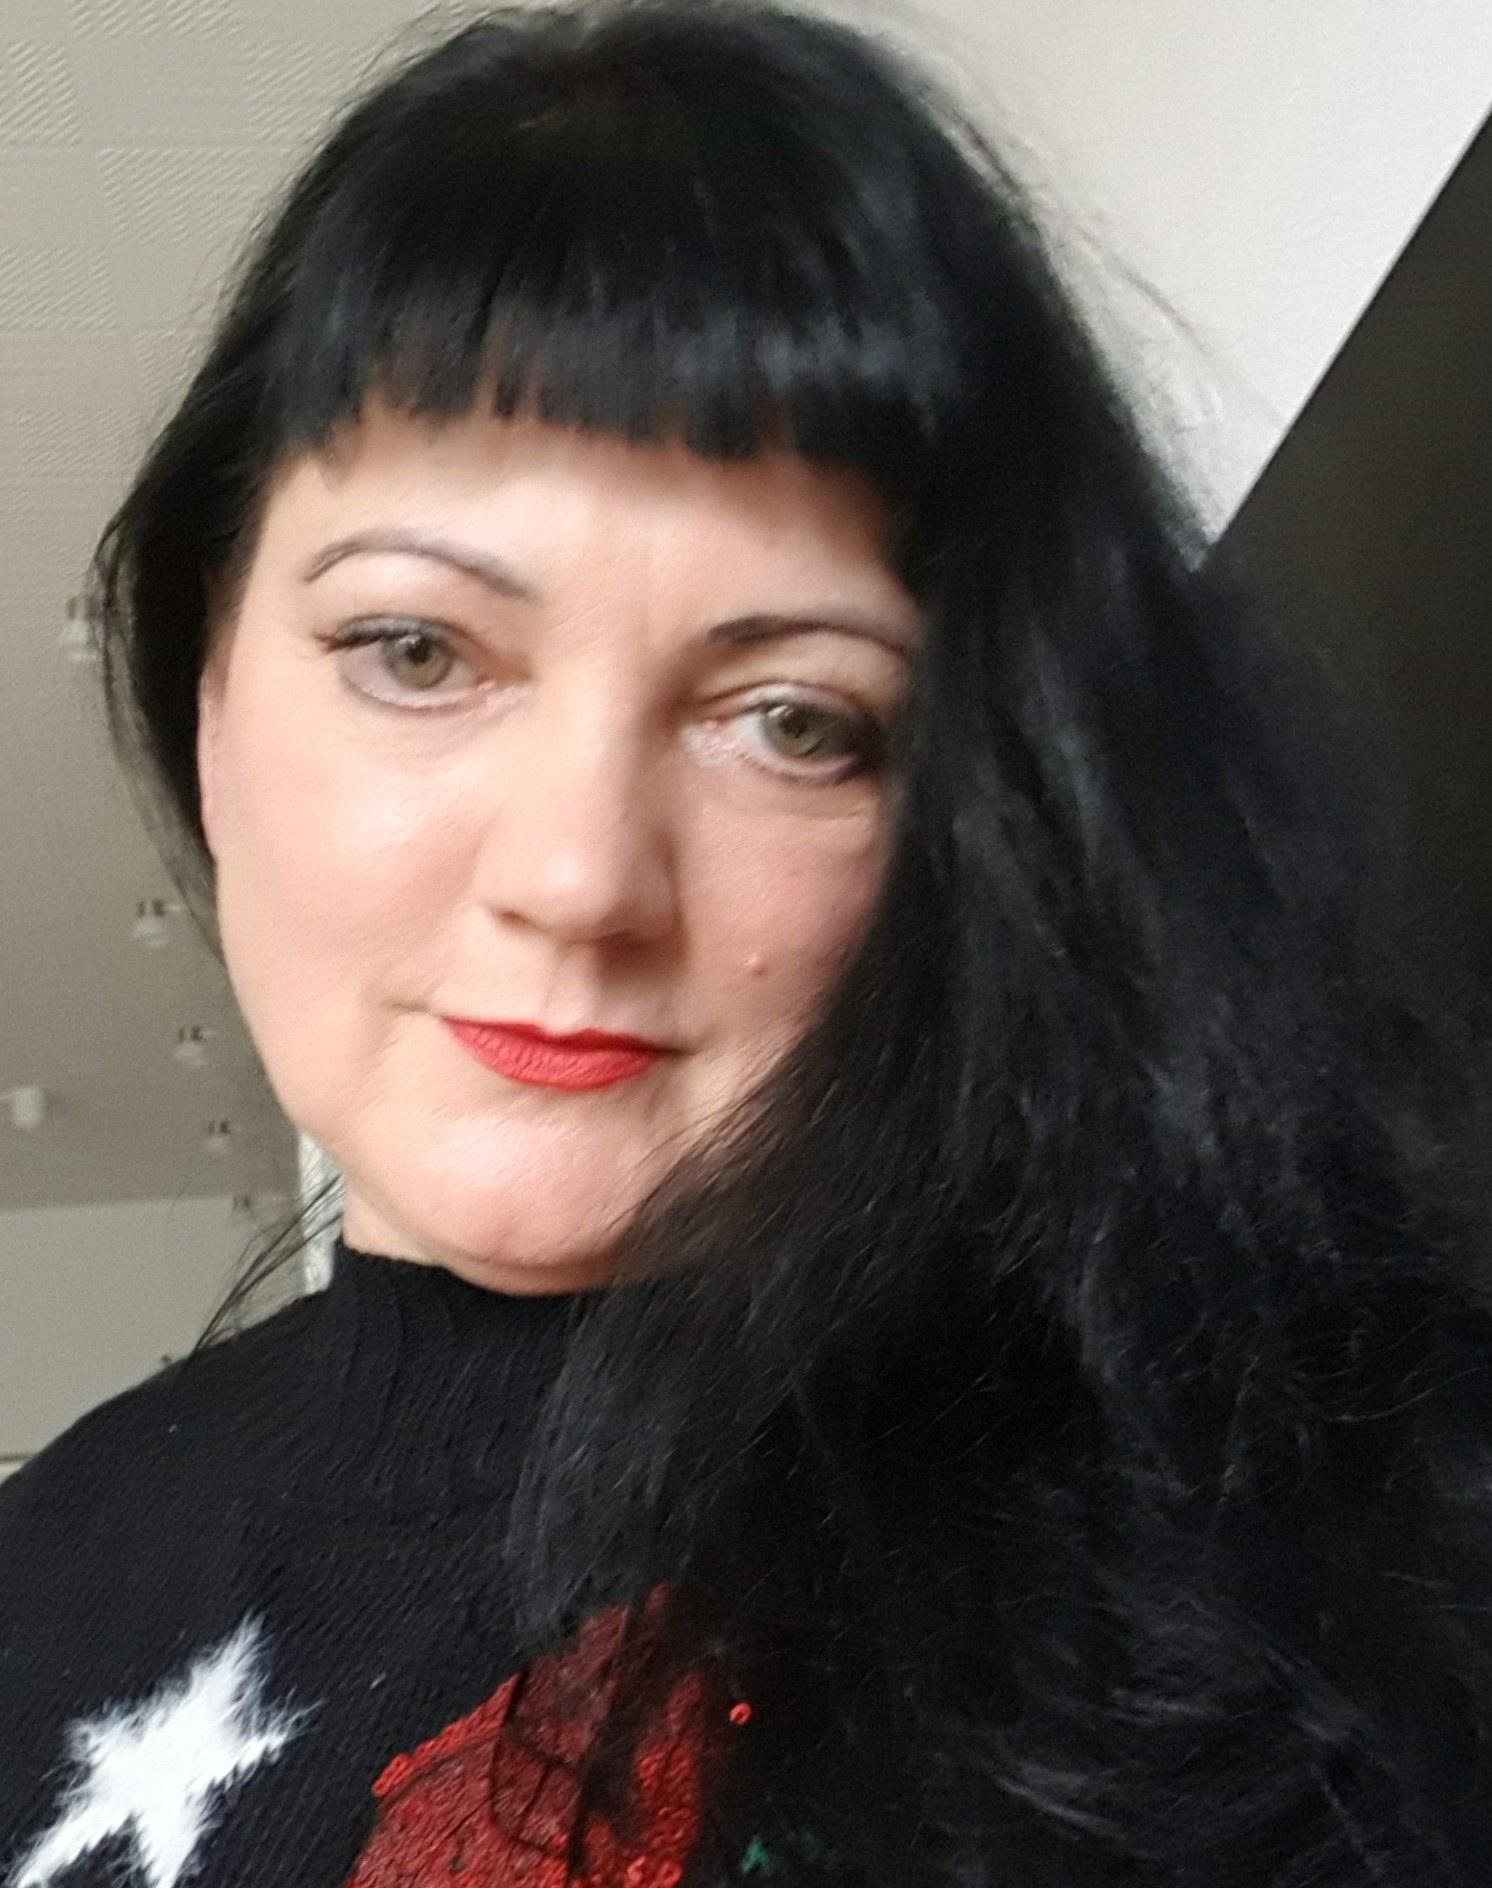 Nachfolgerin Andrea Kaleske